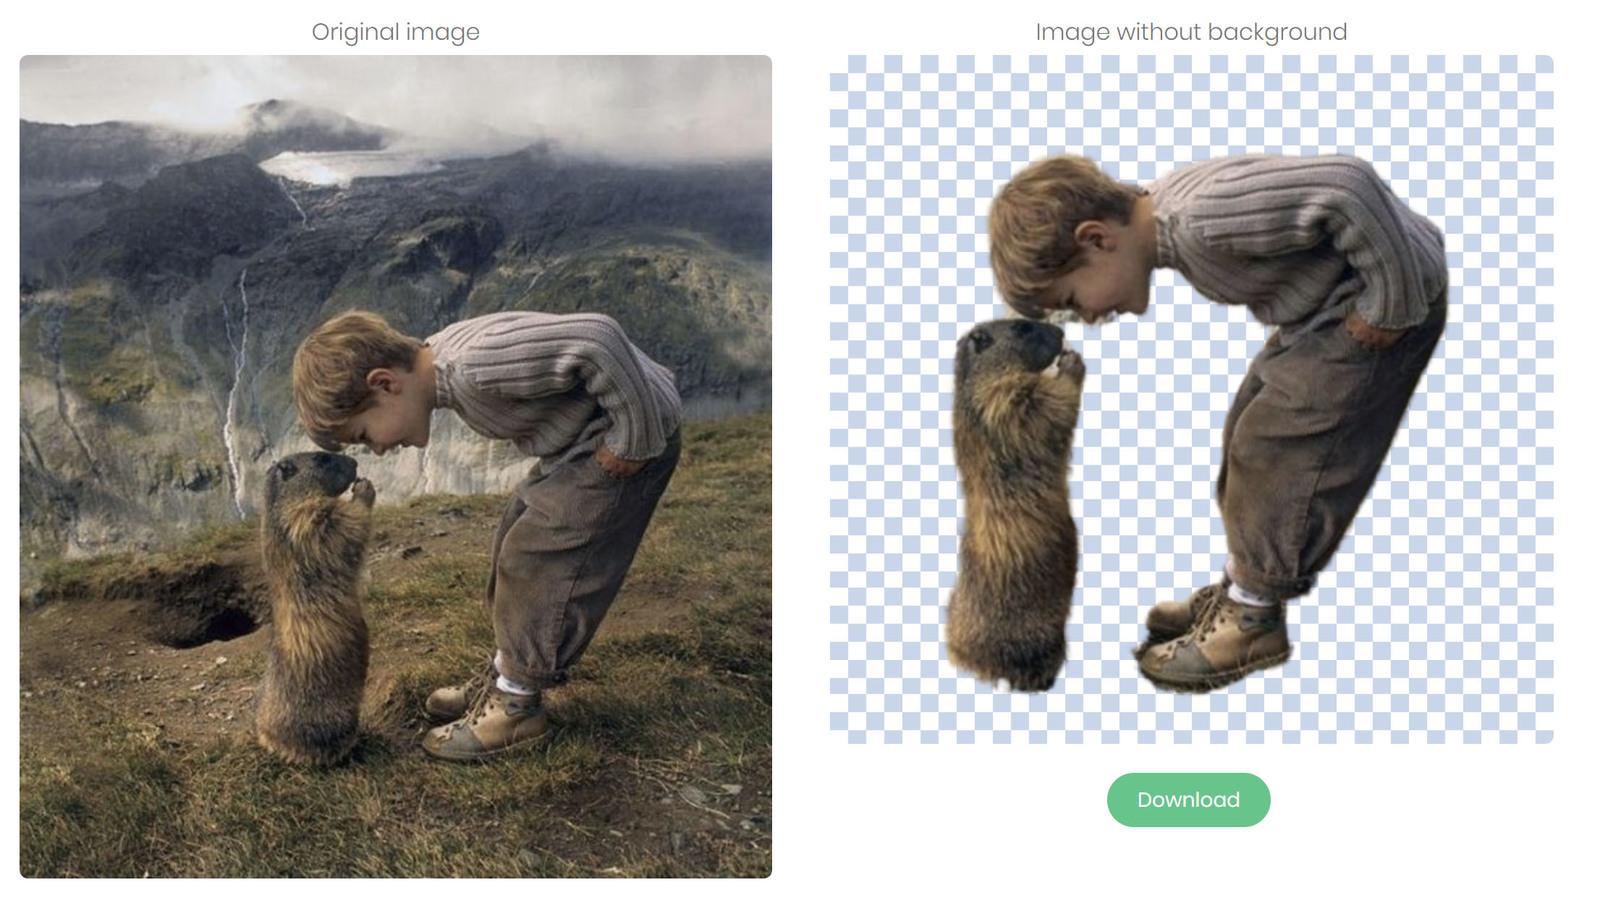 Нейросеть быстро уберет фон на фотографии